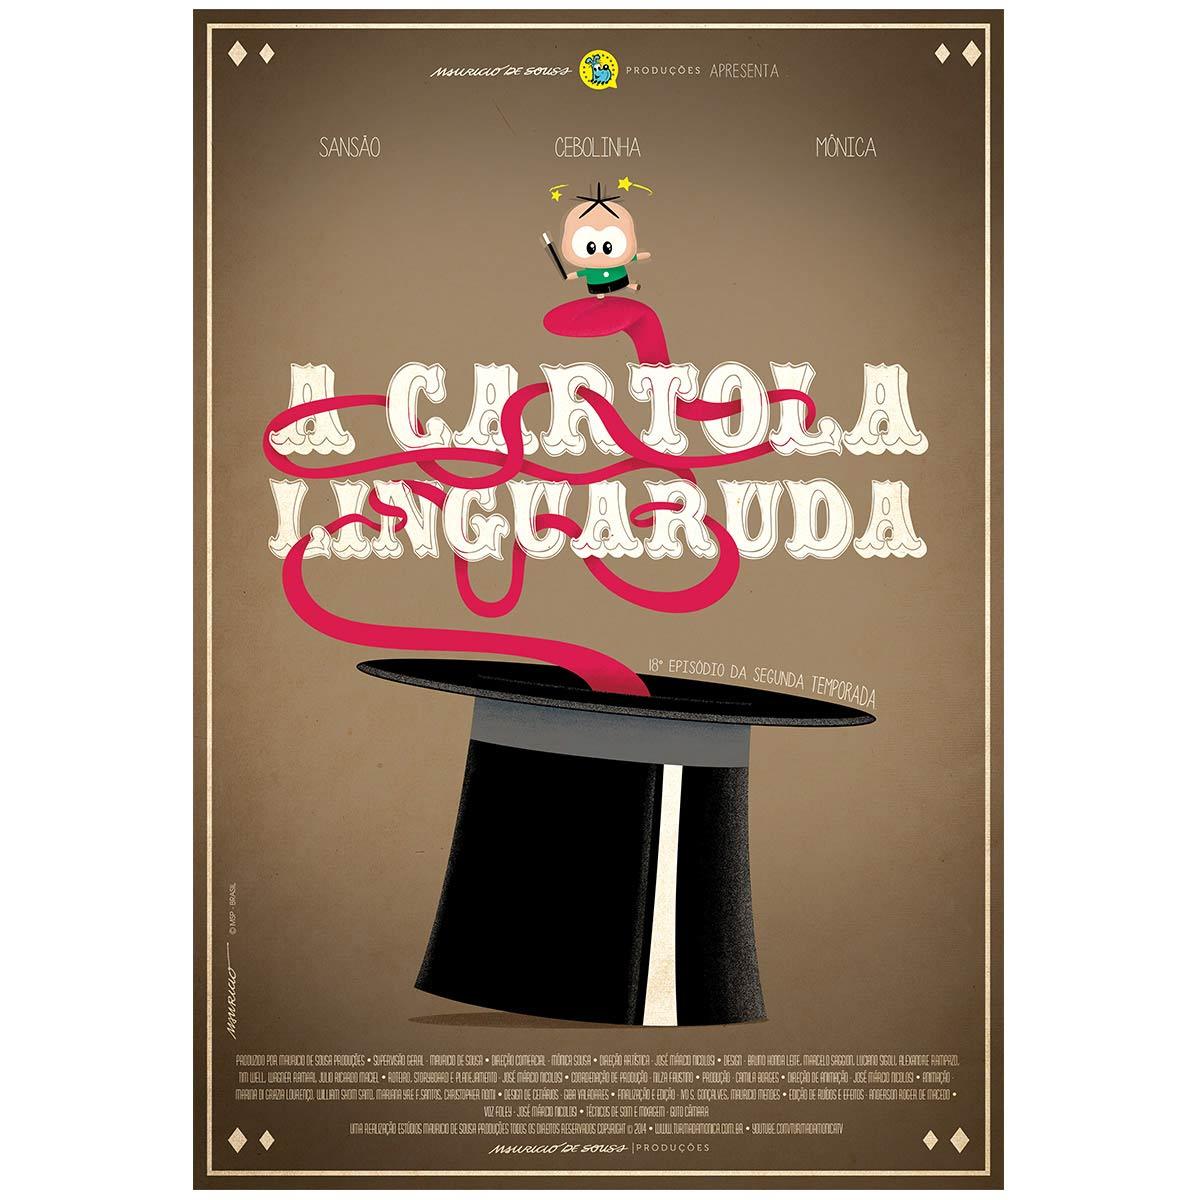 Poster Turma da Mônica Toy A Cartola Linguaruda